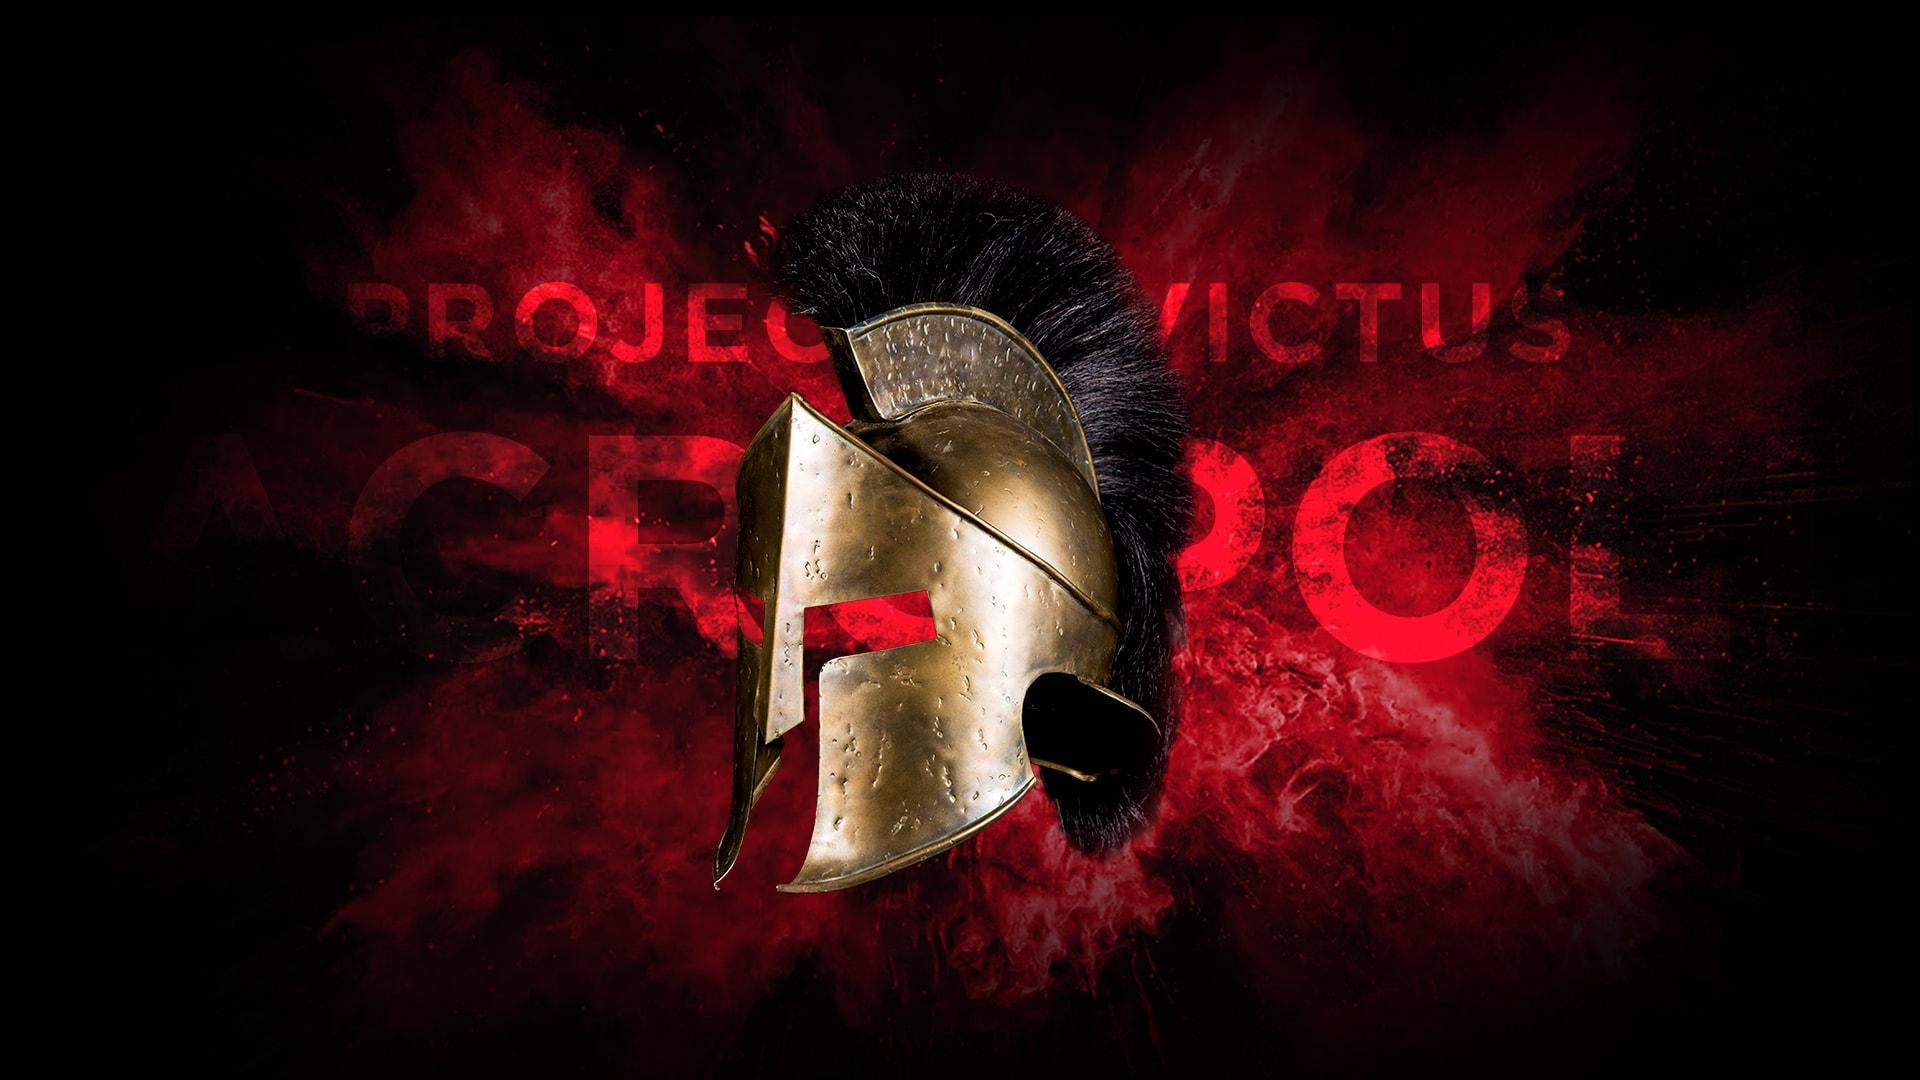 Acropoli Project Invictus